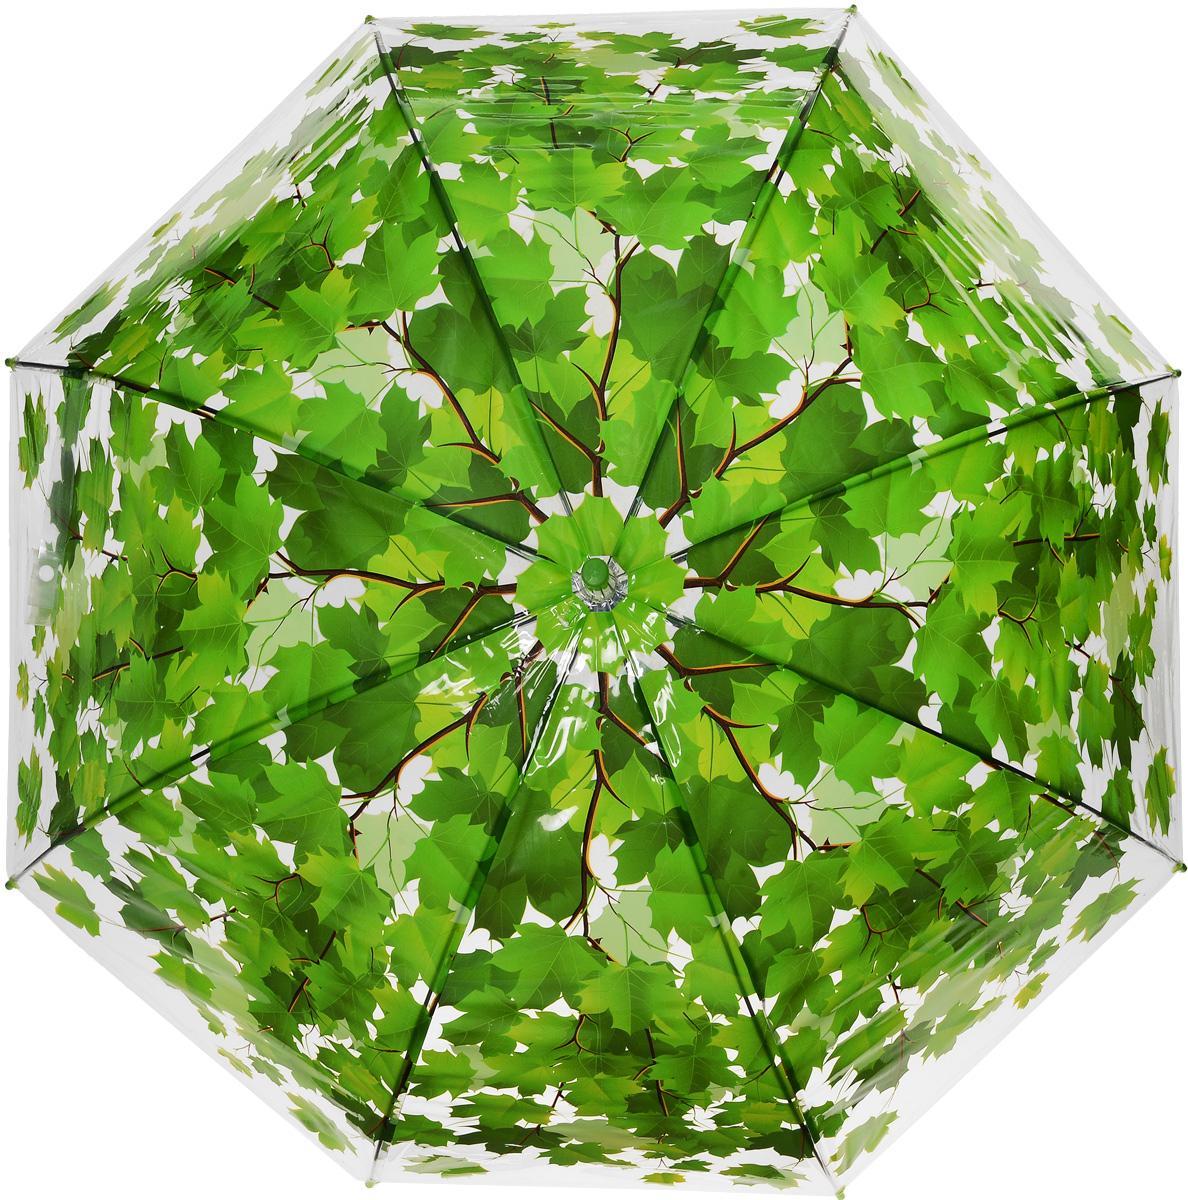 Зонт женский Эврика Листья, цвет: зеленый. 96566REM12-CAM-GREENBLACKЗонт-трость Эврика выполнен из прозрачного полиэтилена и оформлен принтом в виде кленовых листьев.Благодаря своему изяществу и утонченности орнамента он способен украсить даже самый пасмурный день. Лёгкий, практичный зонт-полуавтомат послужит верным спутником дамы, желающей выглядеть стильно в любую погоду.